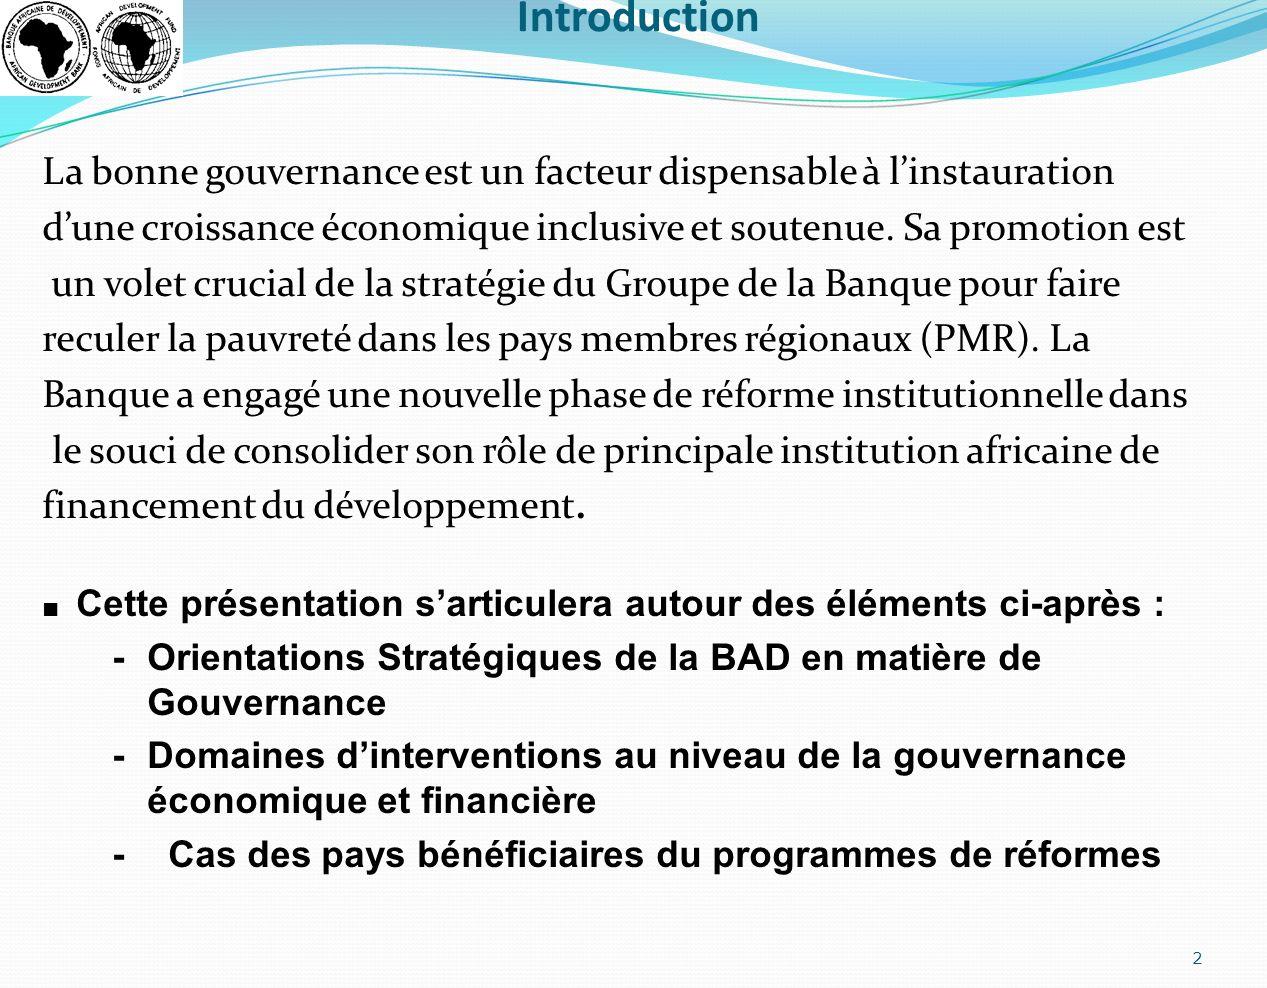 Appui aux réformes : Burkina Fasso Composante : renforcement de la gouvernance administrative ContextedéfisMesures prises par le Gvt Mesures soutenues Résultats attendus faibles capacités de pilotage des politiques et programmes de réformes Articuler le processus de suivi des programmes dappui budgétaire avec le CSLP Révision du Protocole CGAB – CSLP en cours Nouveau dispositif de suivi du CSLP en cours de révision Renforcement des capacités de pilotage des politiques et programmes de réforme Adoption de deux textes sur le suivi du CGAB et du CSLP Dysfonctionnement de ladministration publique Définir une vision à moyen et long terme pour développer une administration moderne et déconcentrée en vue daccompagner le processus de décentralisation Déconcentration en cours du MFPRE Révision du SYGASPE et déploiement en cours dans les ministères et les régions Déconcentration des services des Ministères Renforcement de la déconcentration et modernisation de ladministration publique Mise en place dun e-gouvernement